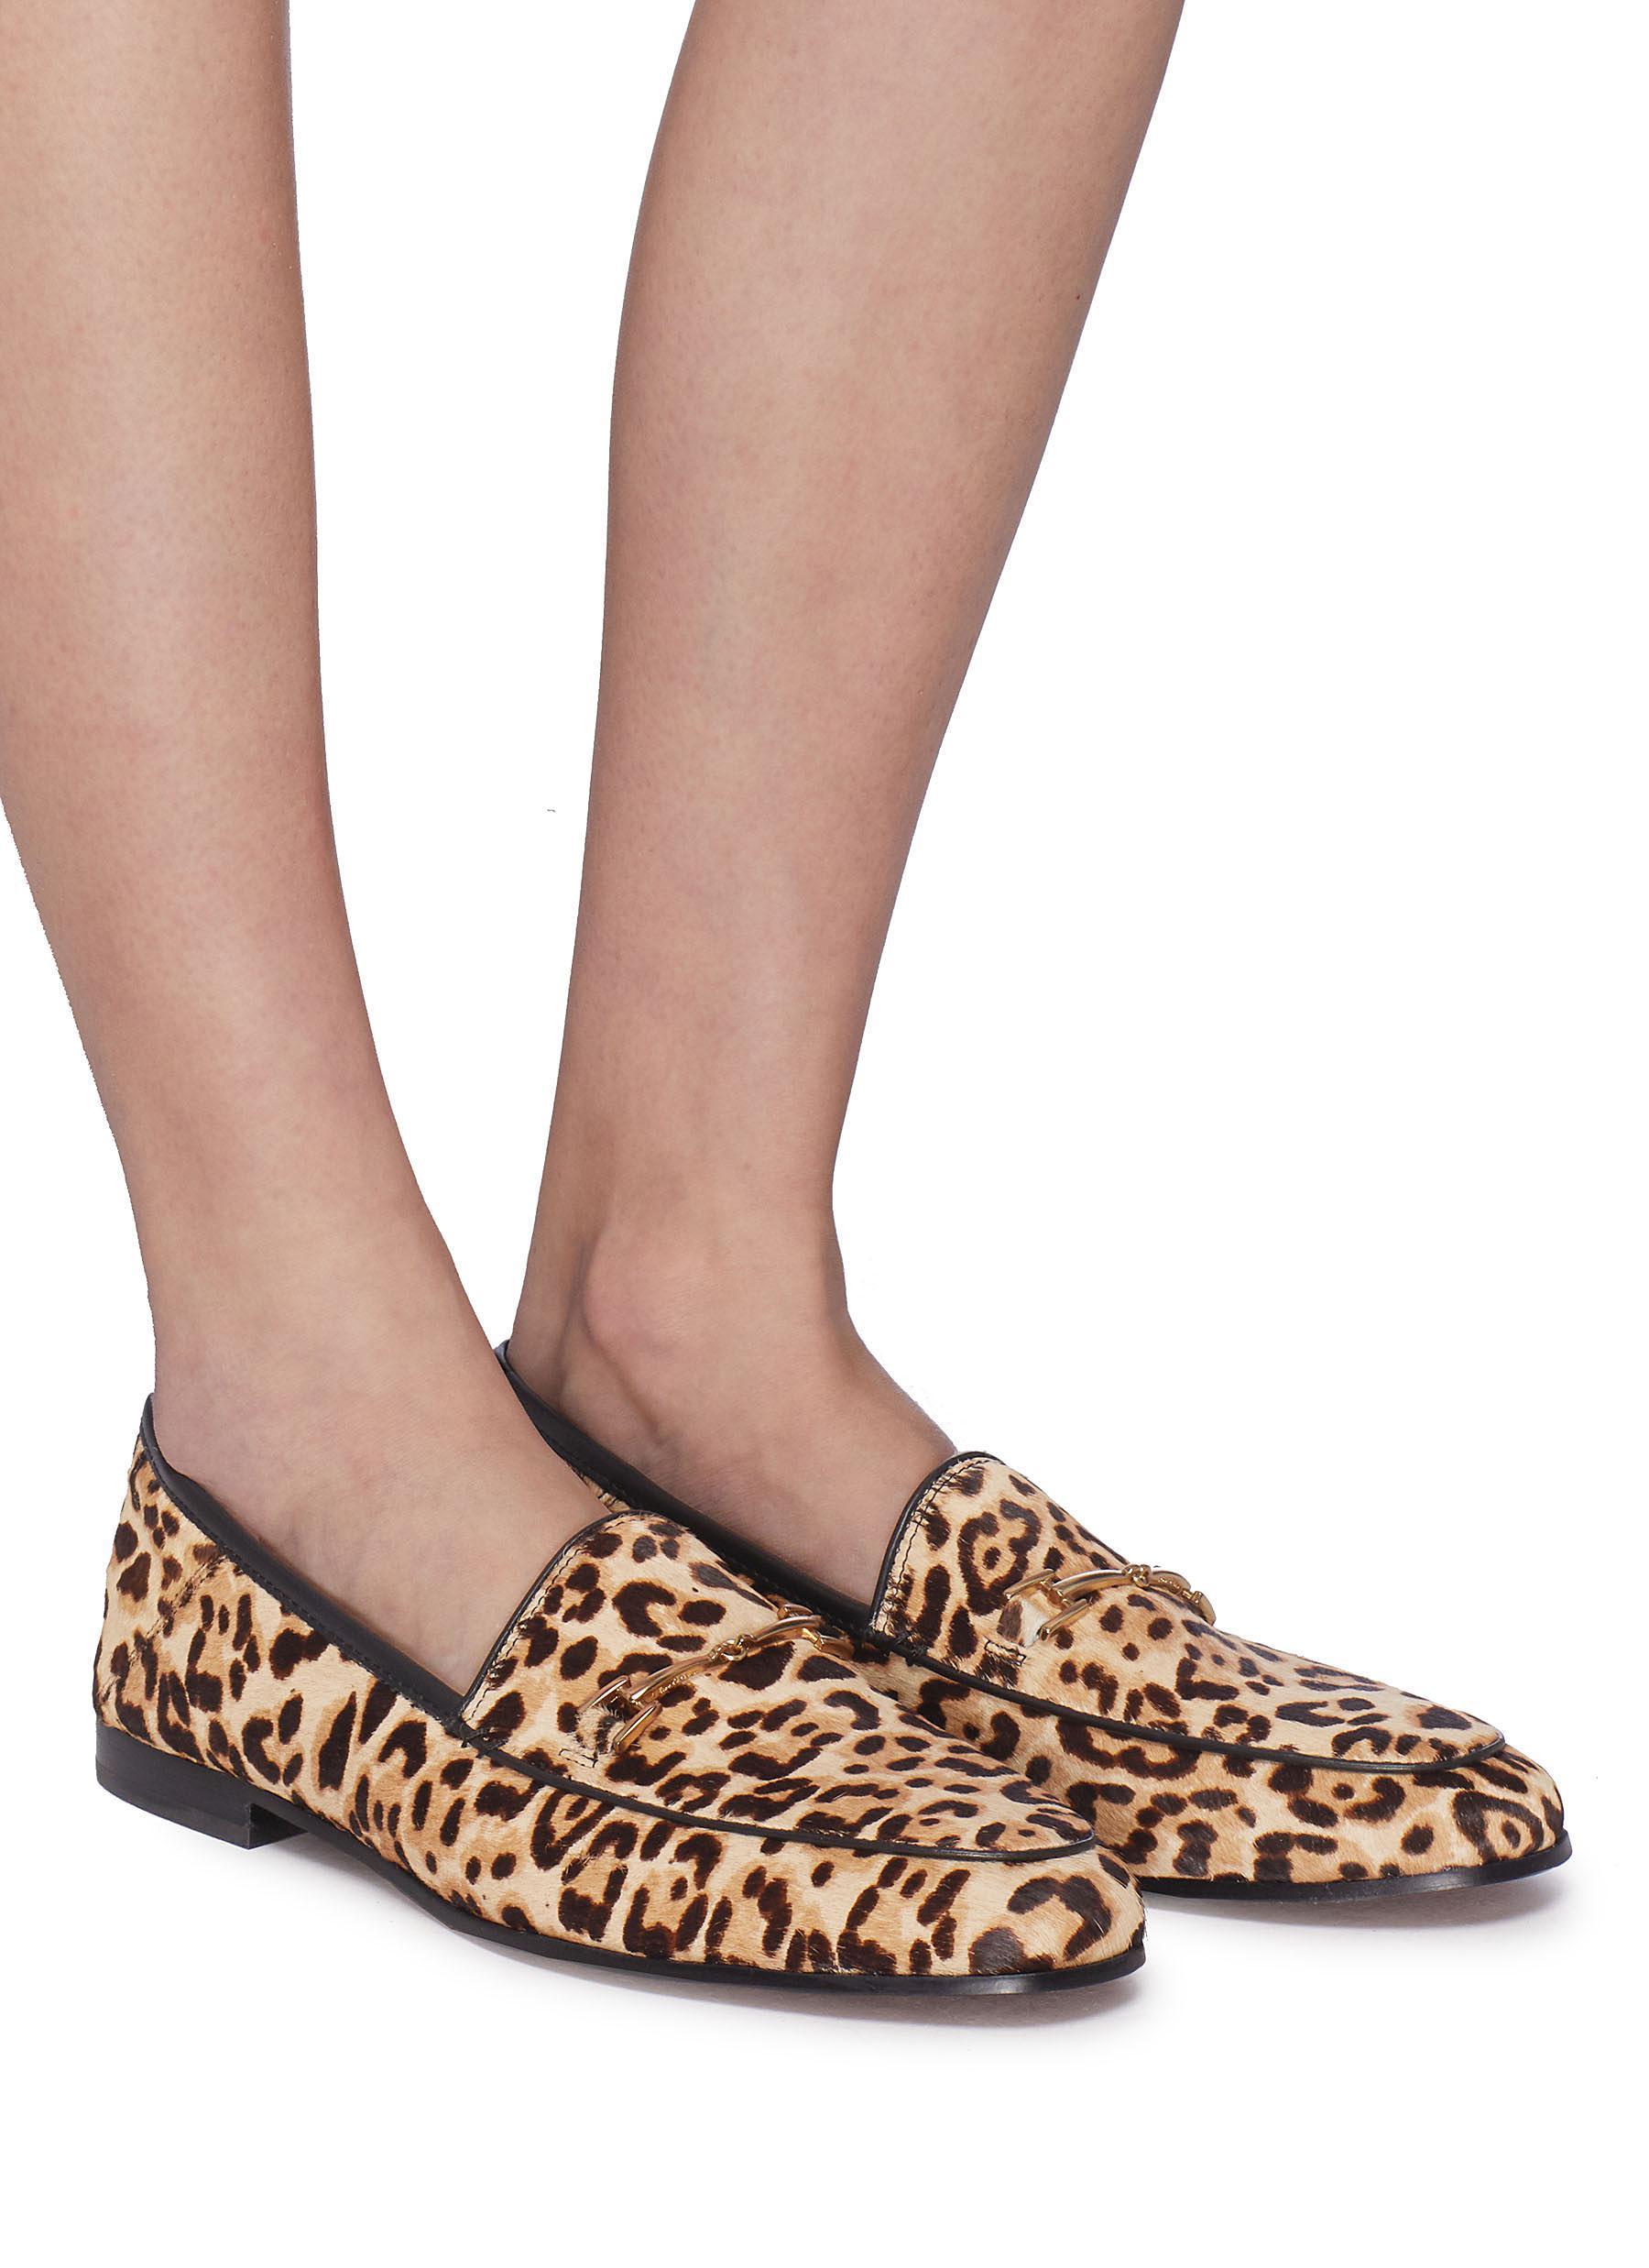 e1f22ecb688 Sam Edelman - Brown  lorraine  Horsebit Leopard Print Cow Hair Step-in  Loafers. View fullscreen